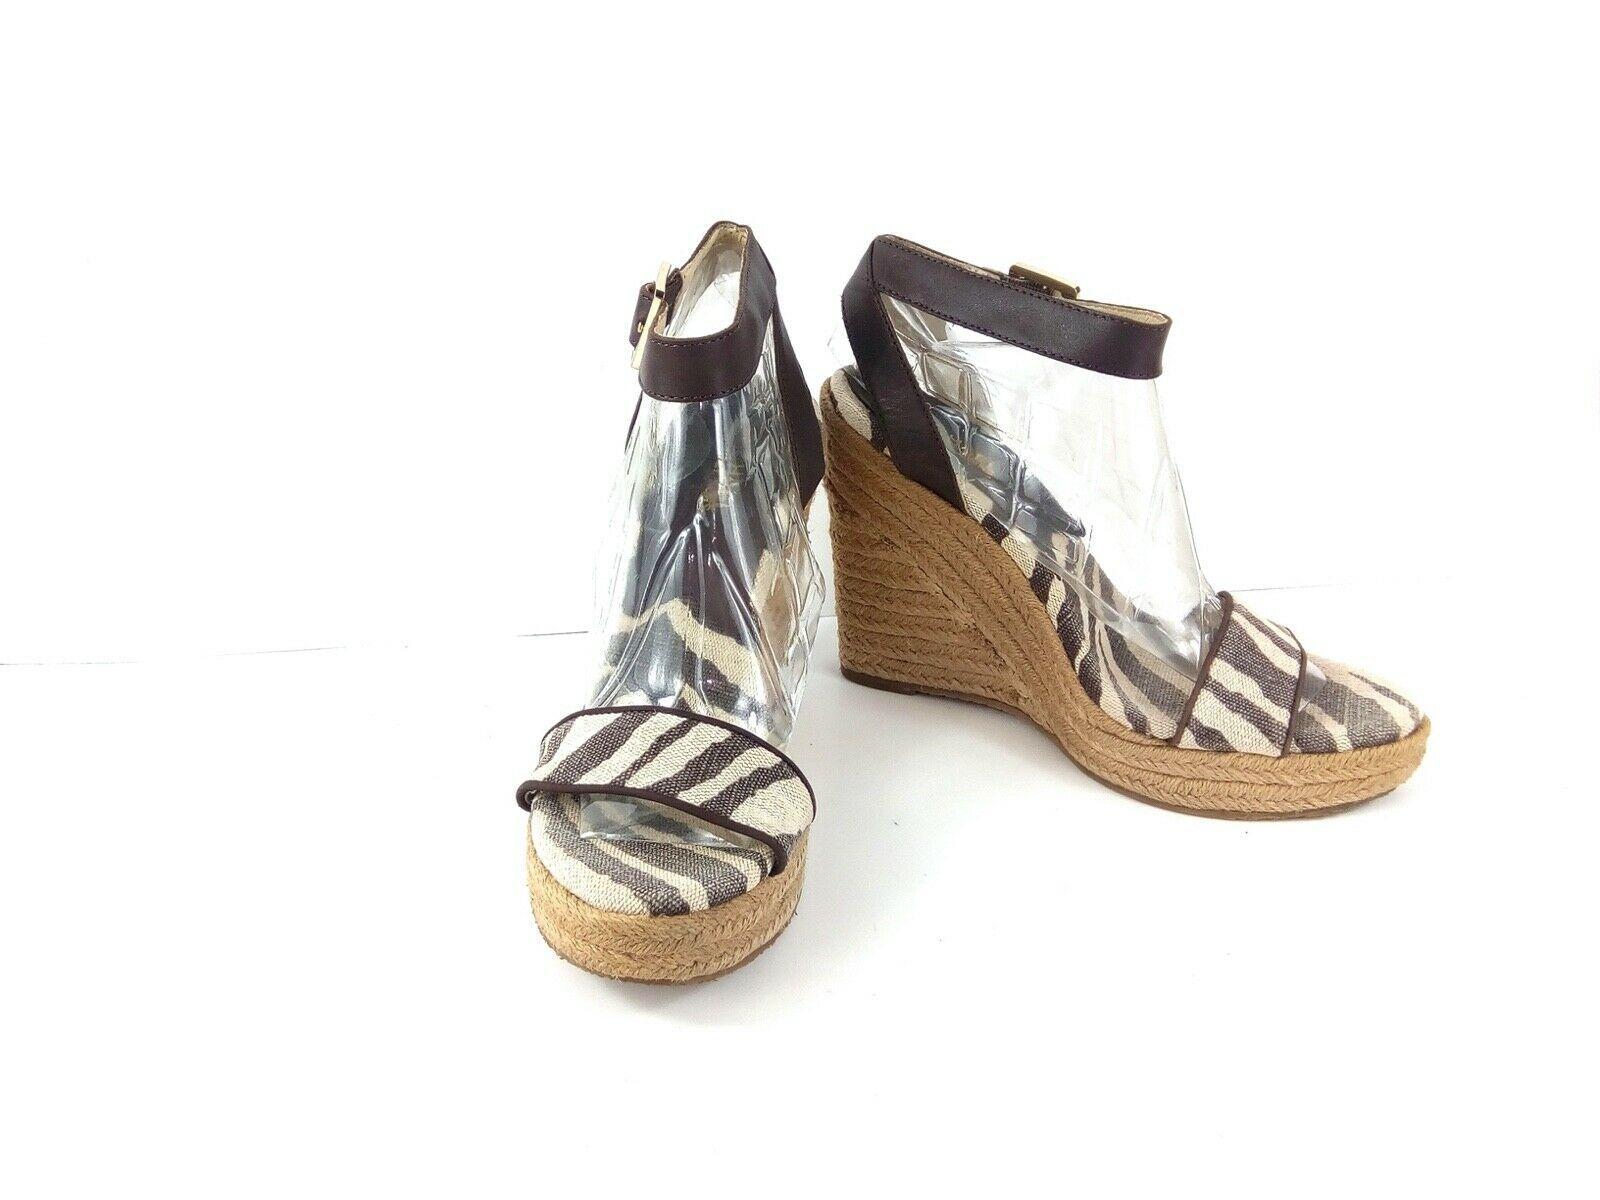 Michael Kors Violet Women's Espadrille Sandals Zebra Brown/Tan Platform Heel 10M - $39.42